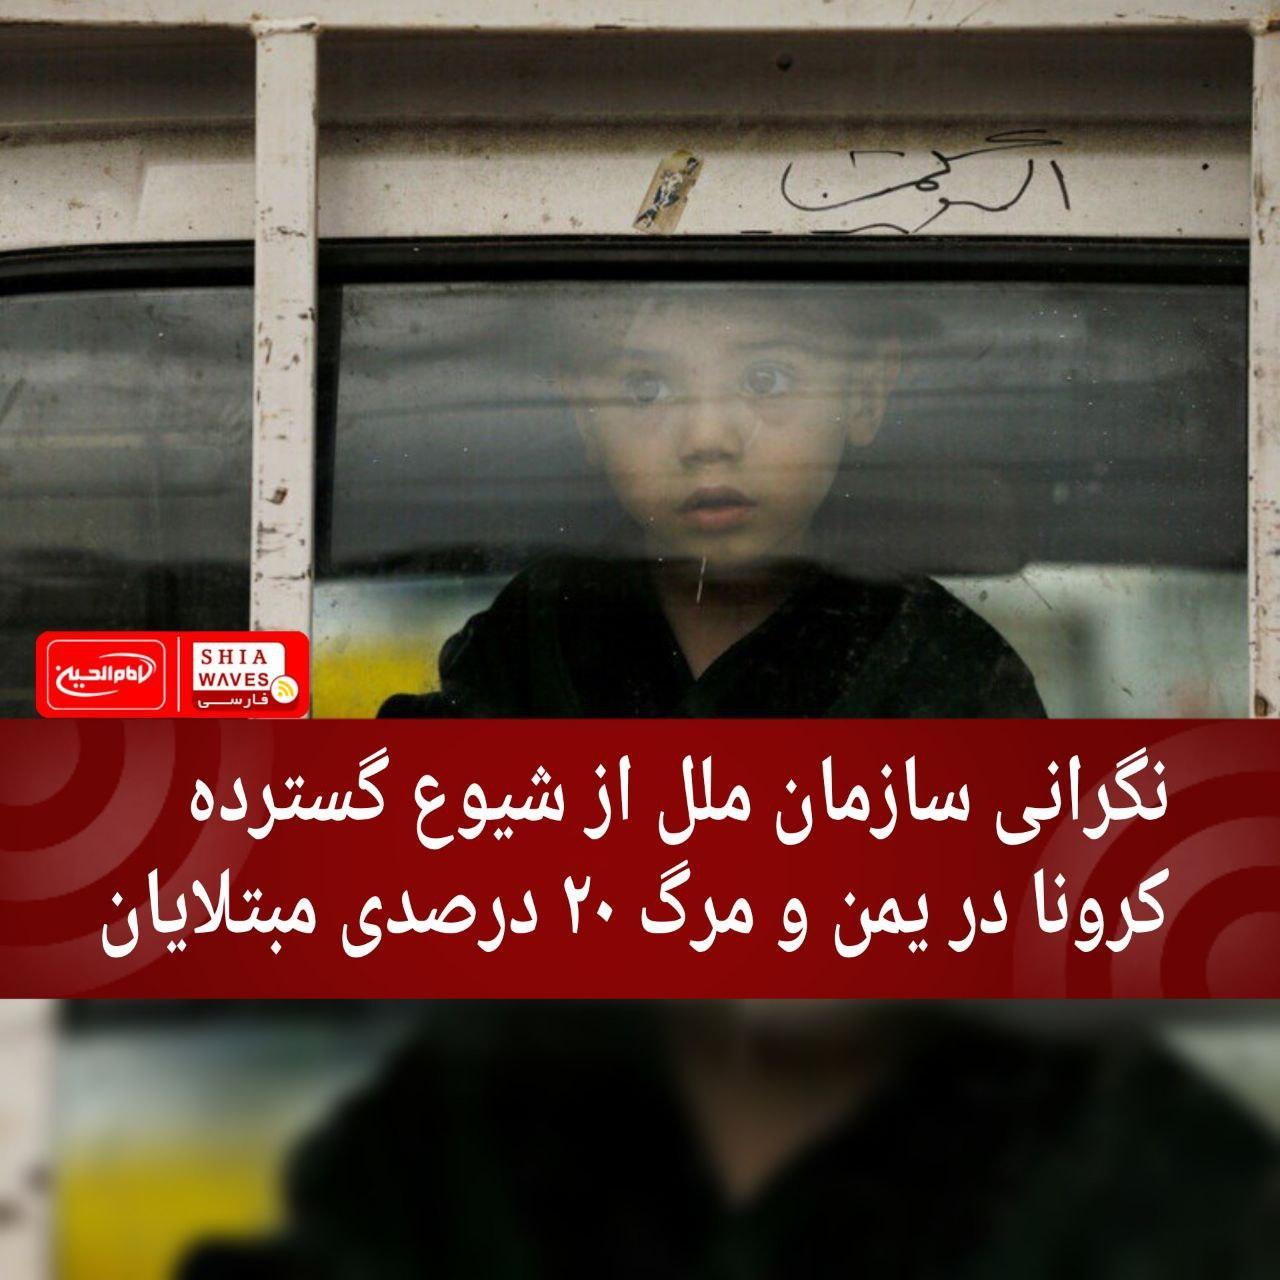 تصویر نگرانی سازمان ملل از شیوع گسترده  کرونا در یمن و مرگ ۲۰ درصدی مبتلایان